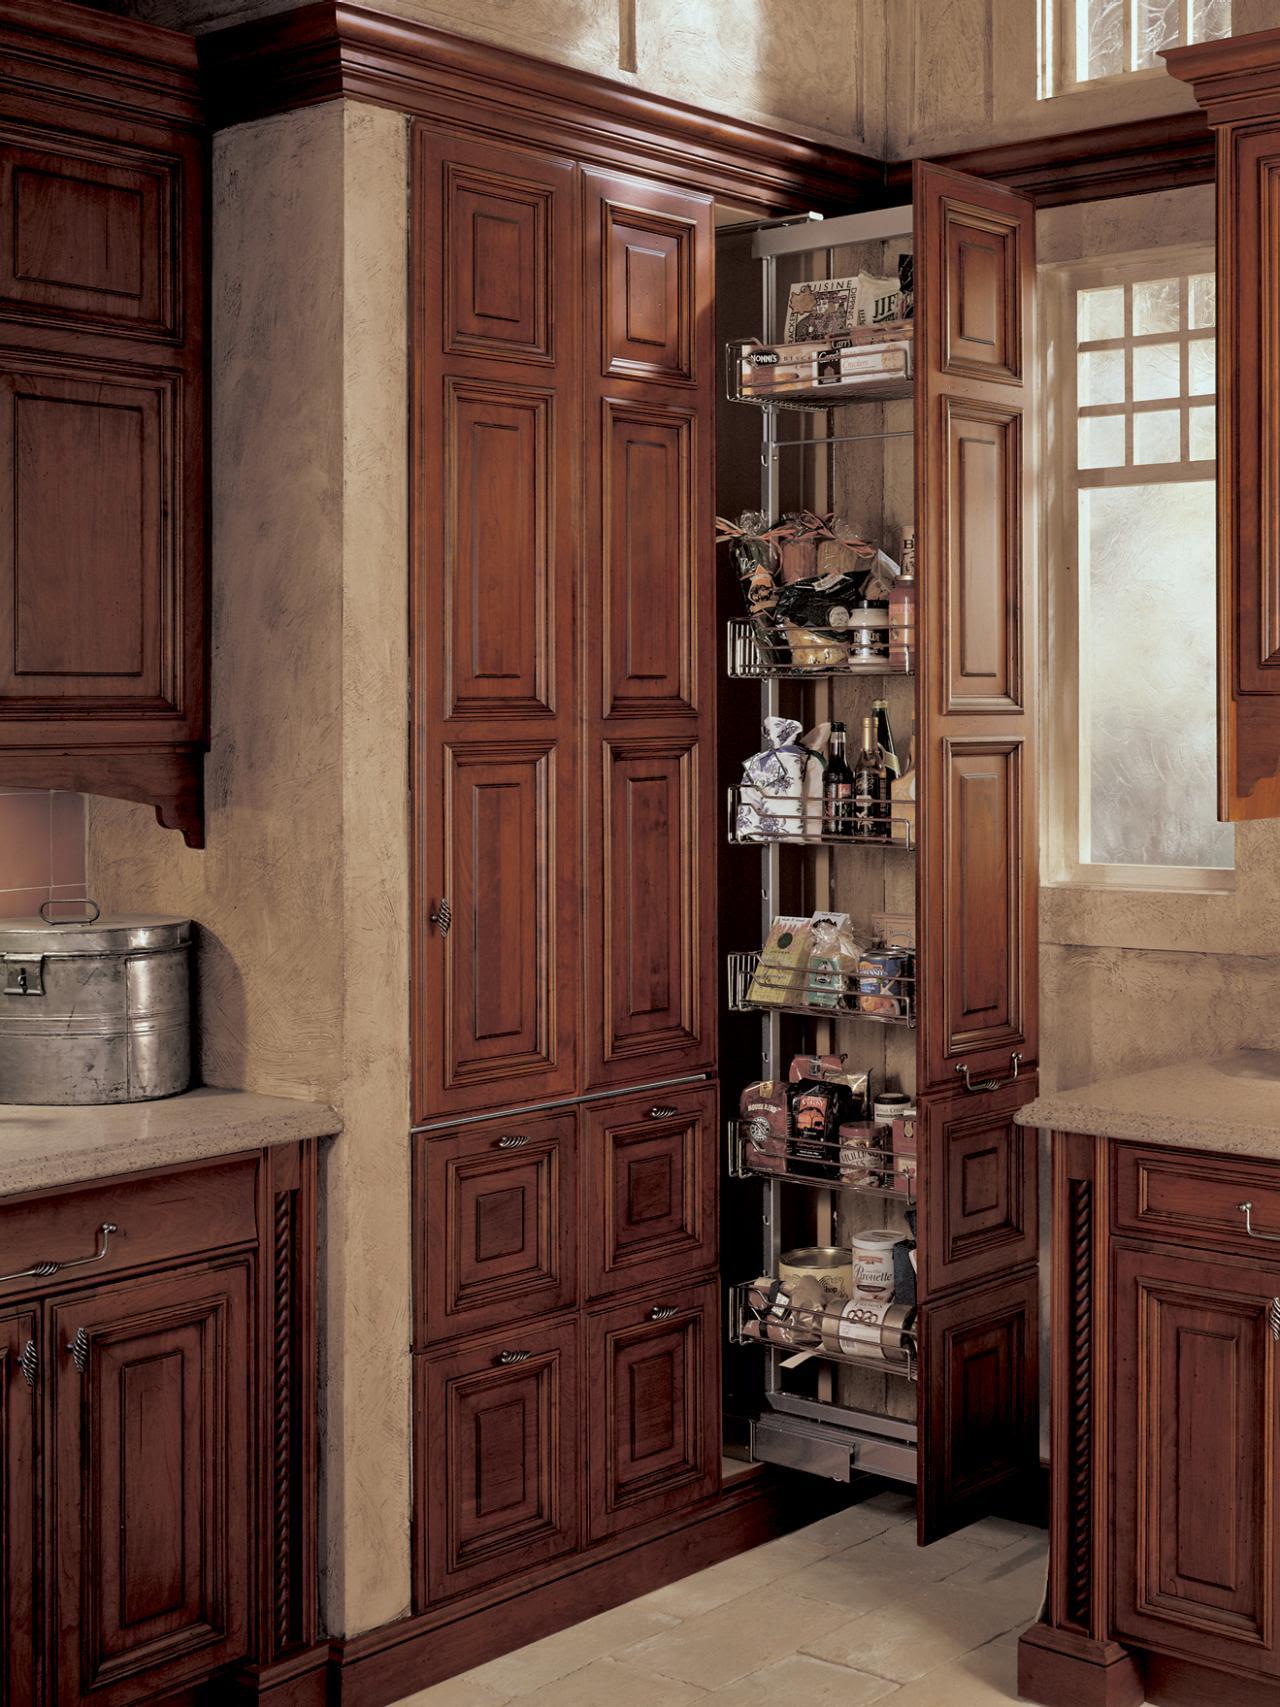 19 Kitchen Cabinet Storage Systems   DIY Kitchen Design ...